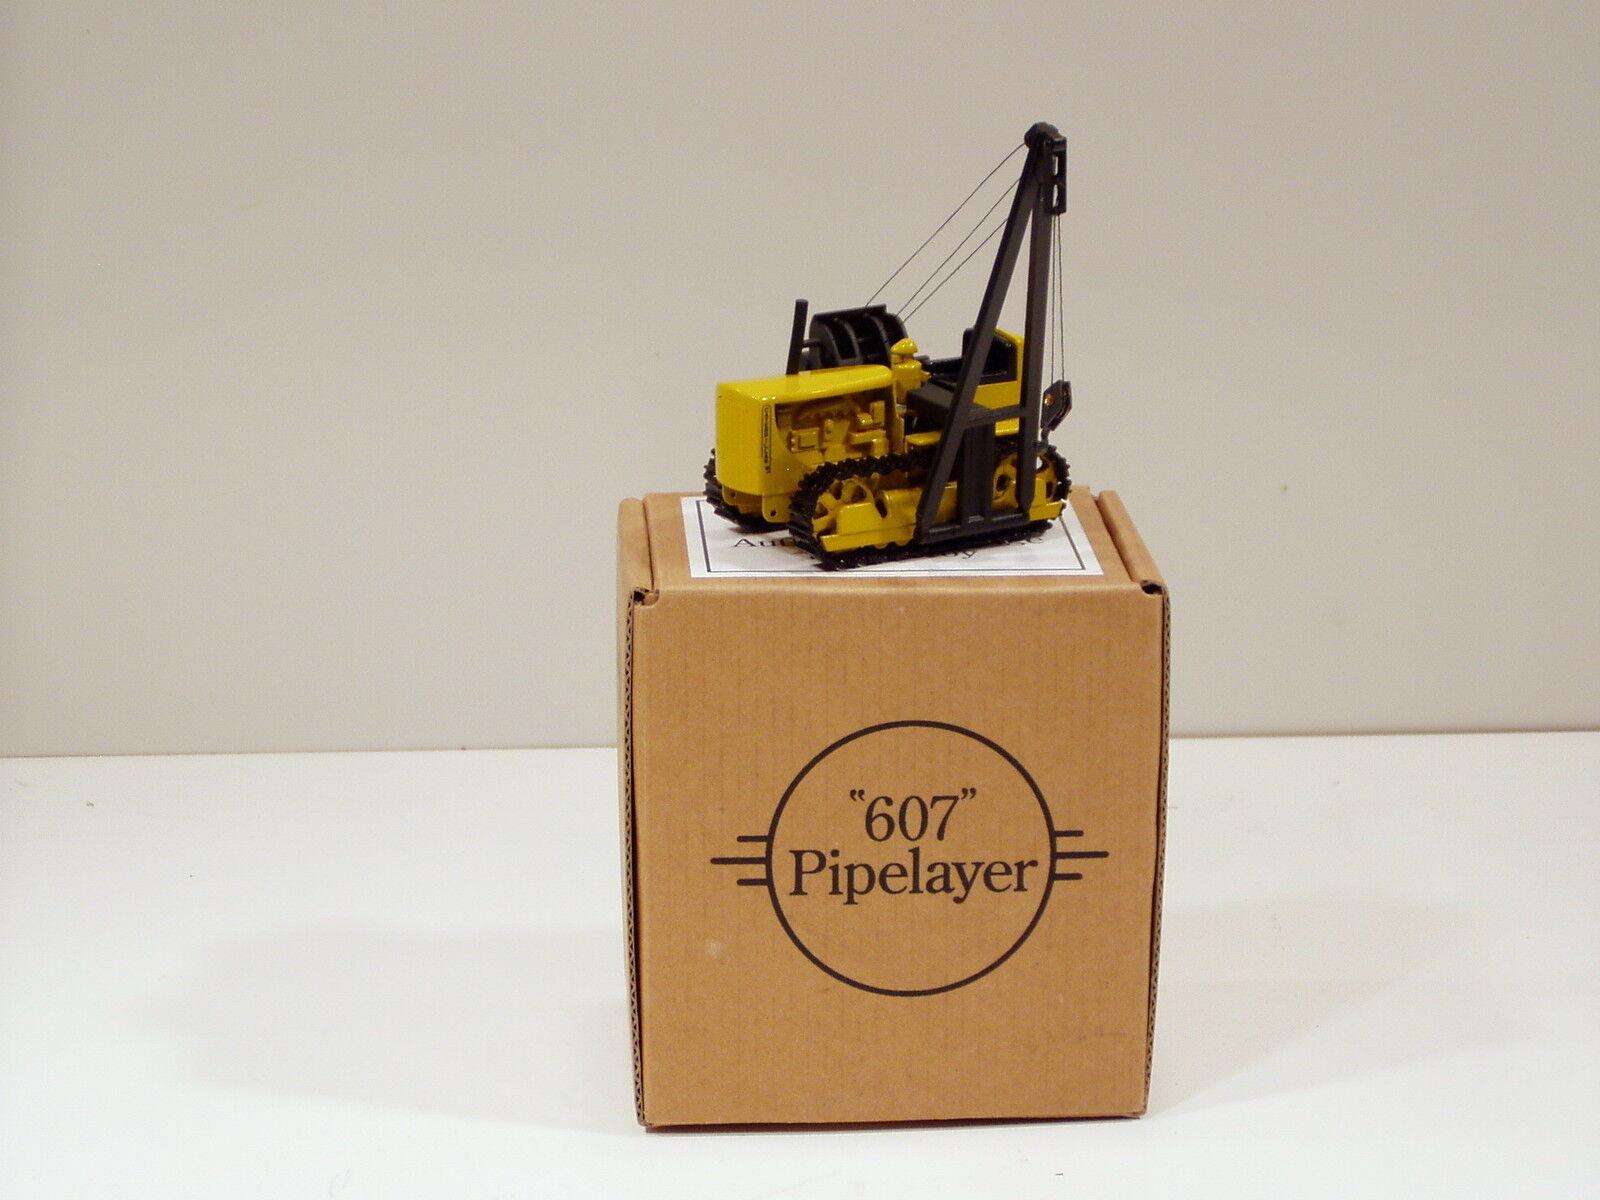 comprare a buon mercato Caterpillar D6 Crawler w  607 Pipelayer - 1 1 1 48 - Brass - CCM - 100 fatto  wholesape economico